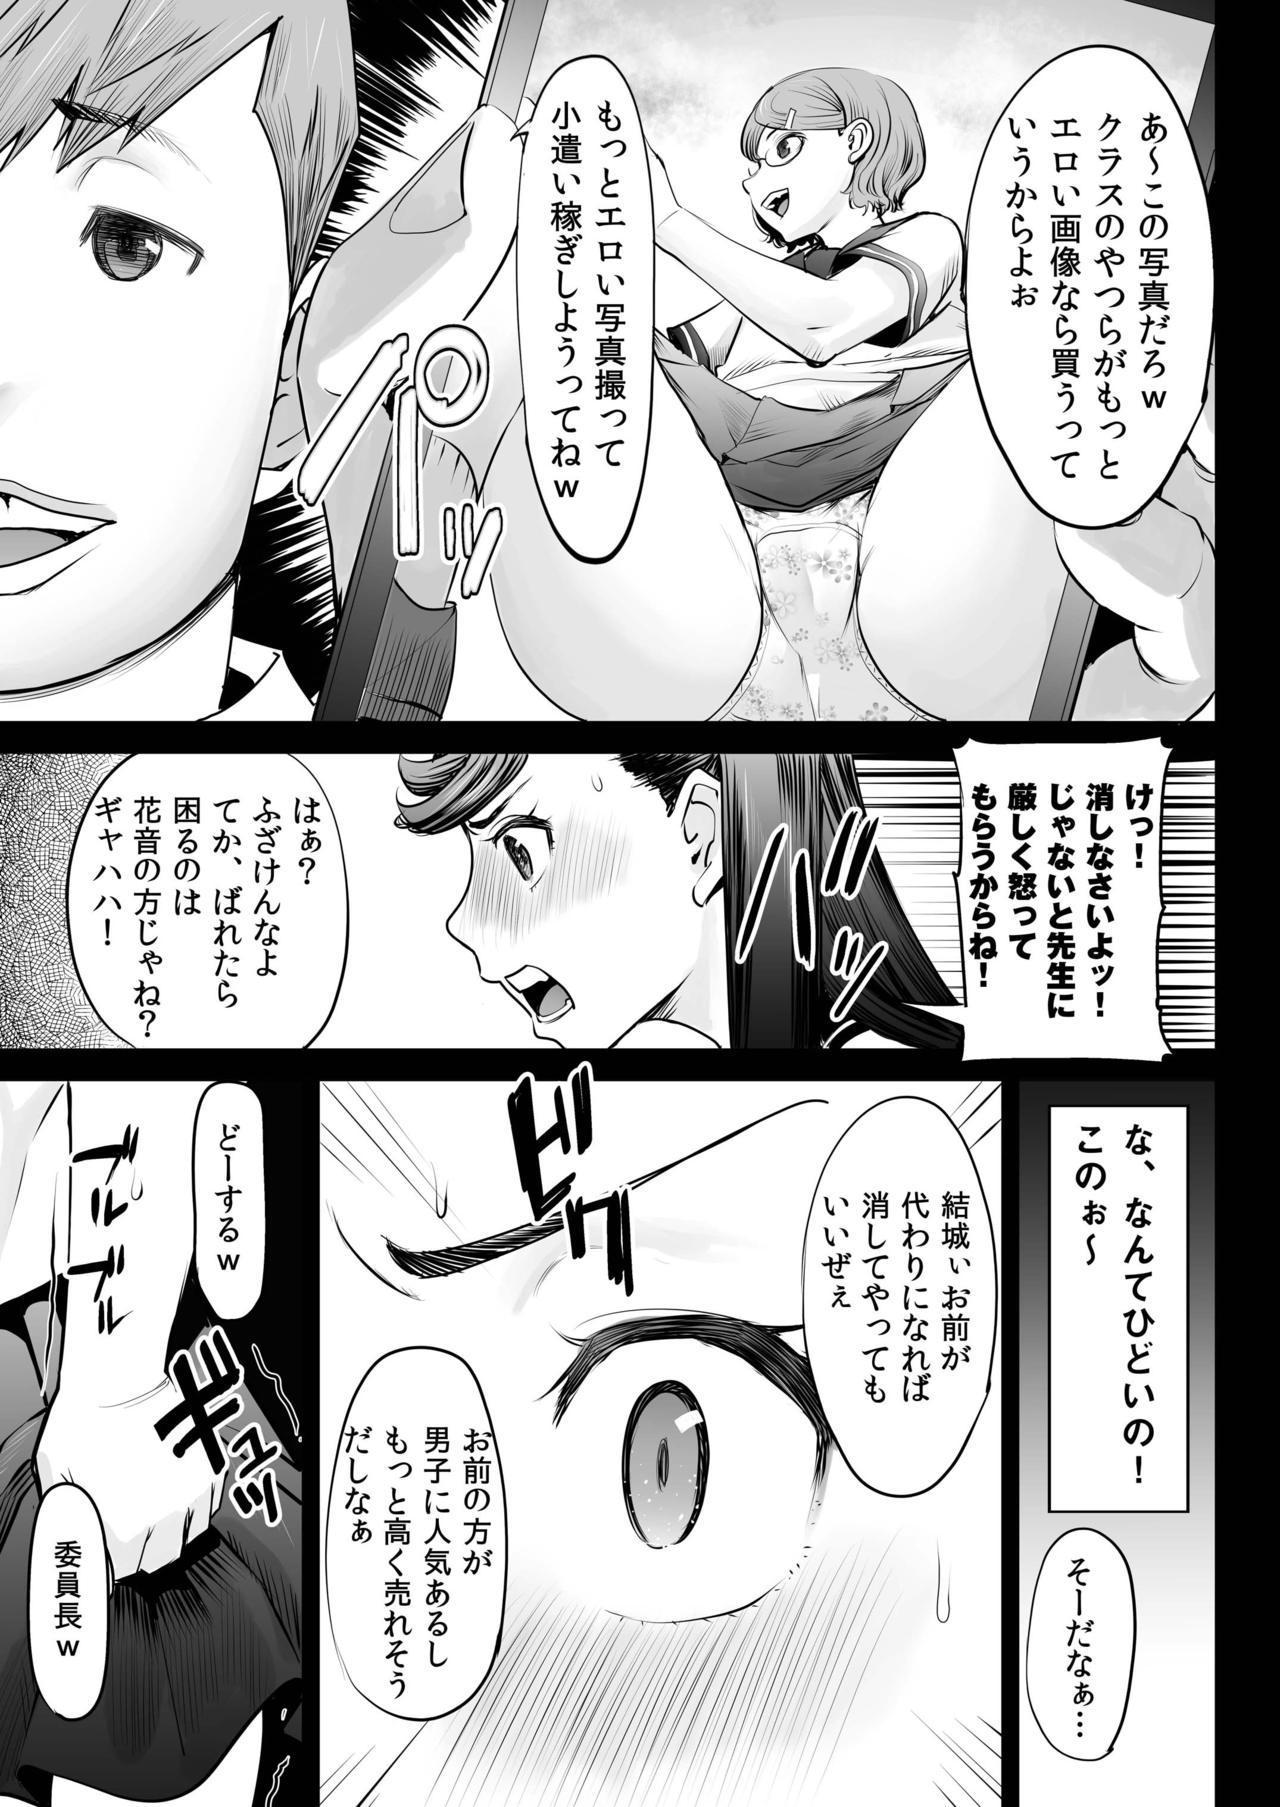 Aoi Tsubomi ga Saku Mae ni Hantoshi mae no deki-goto 6